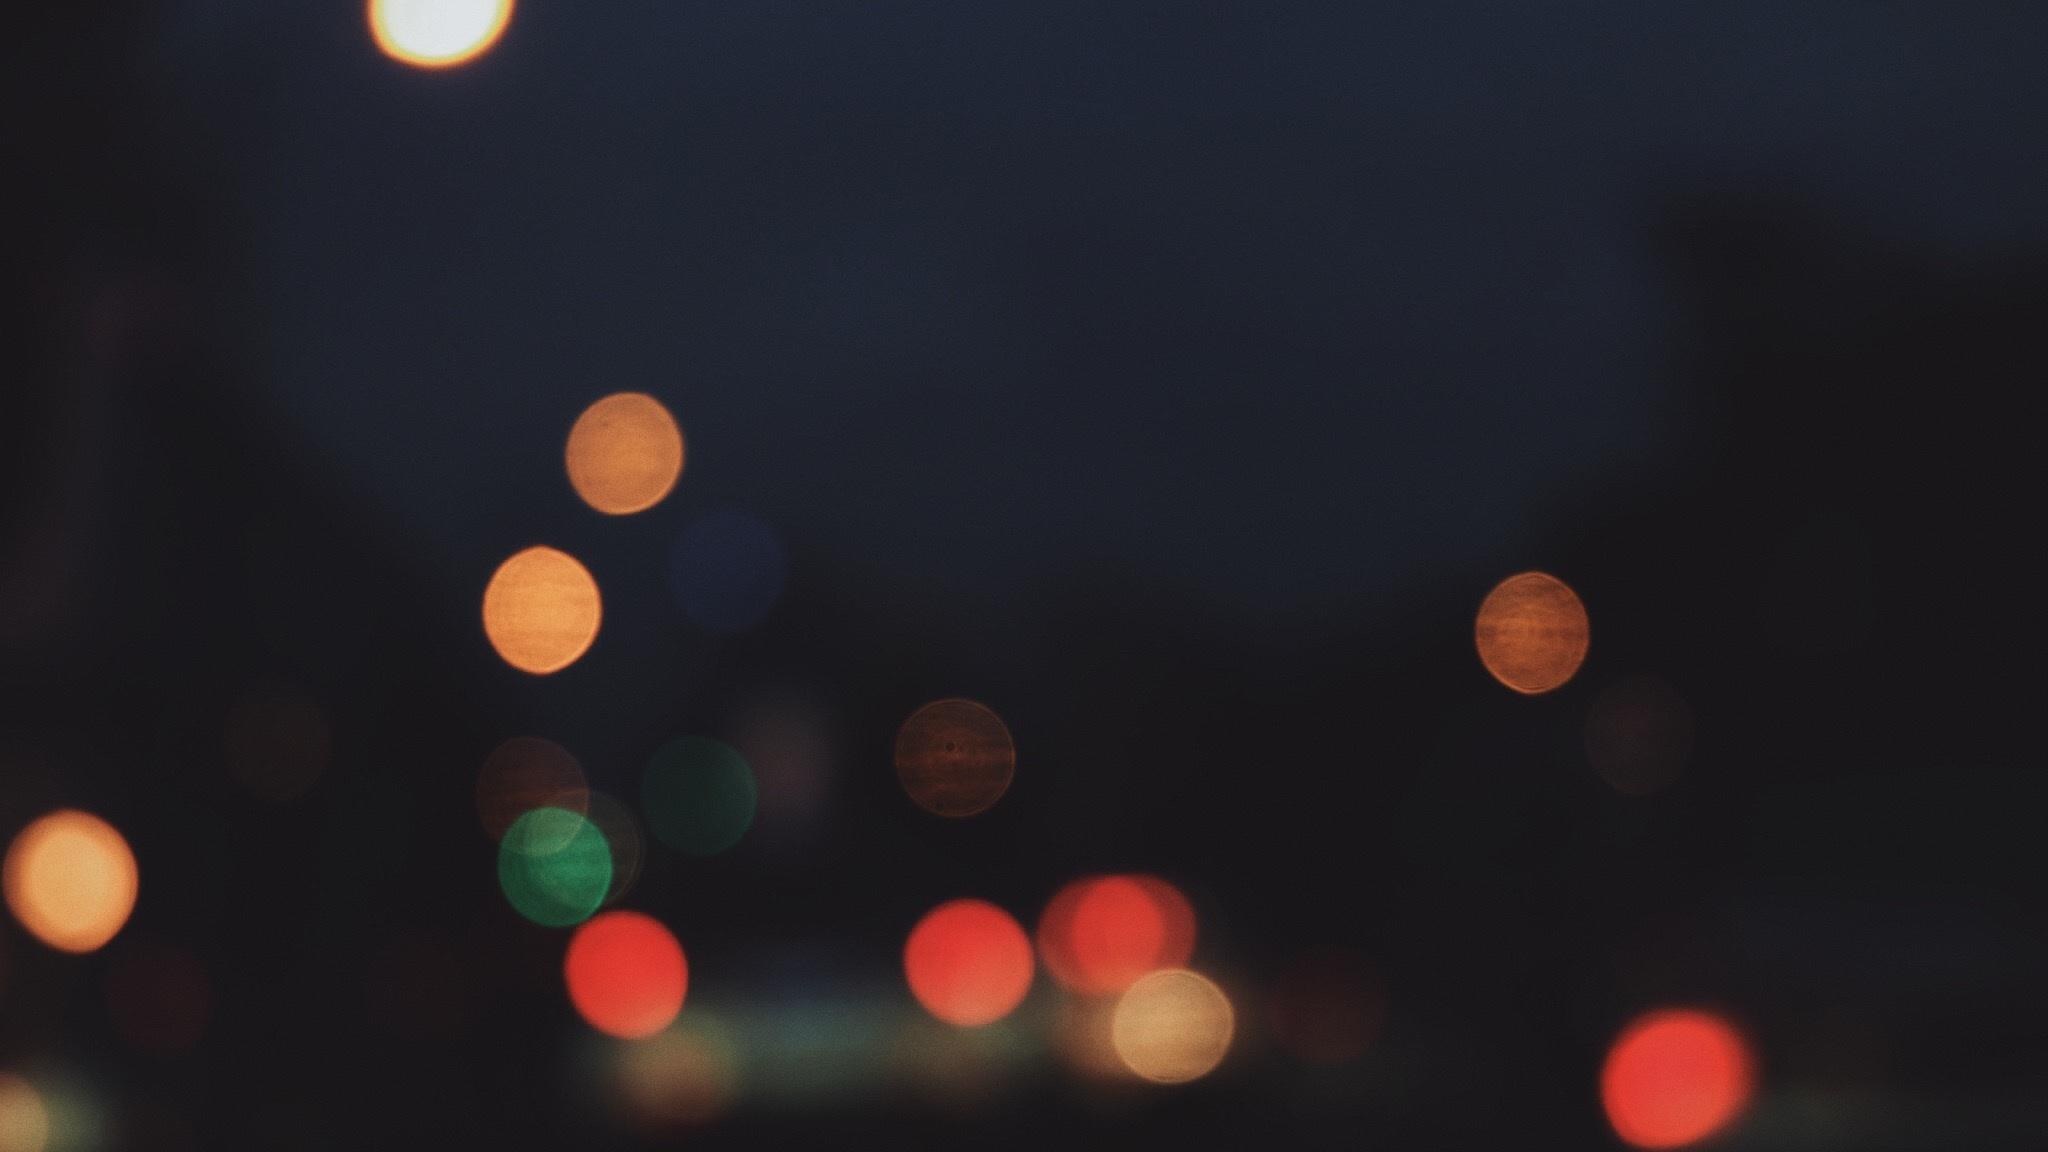 картинки легкий небо ночь темнота осветительные